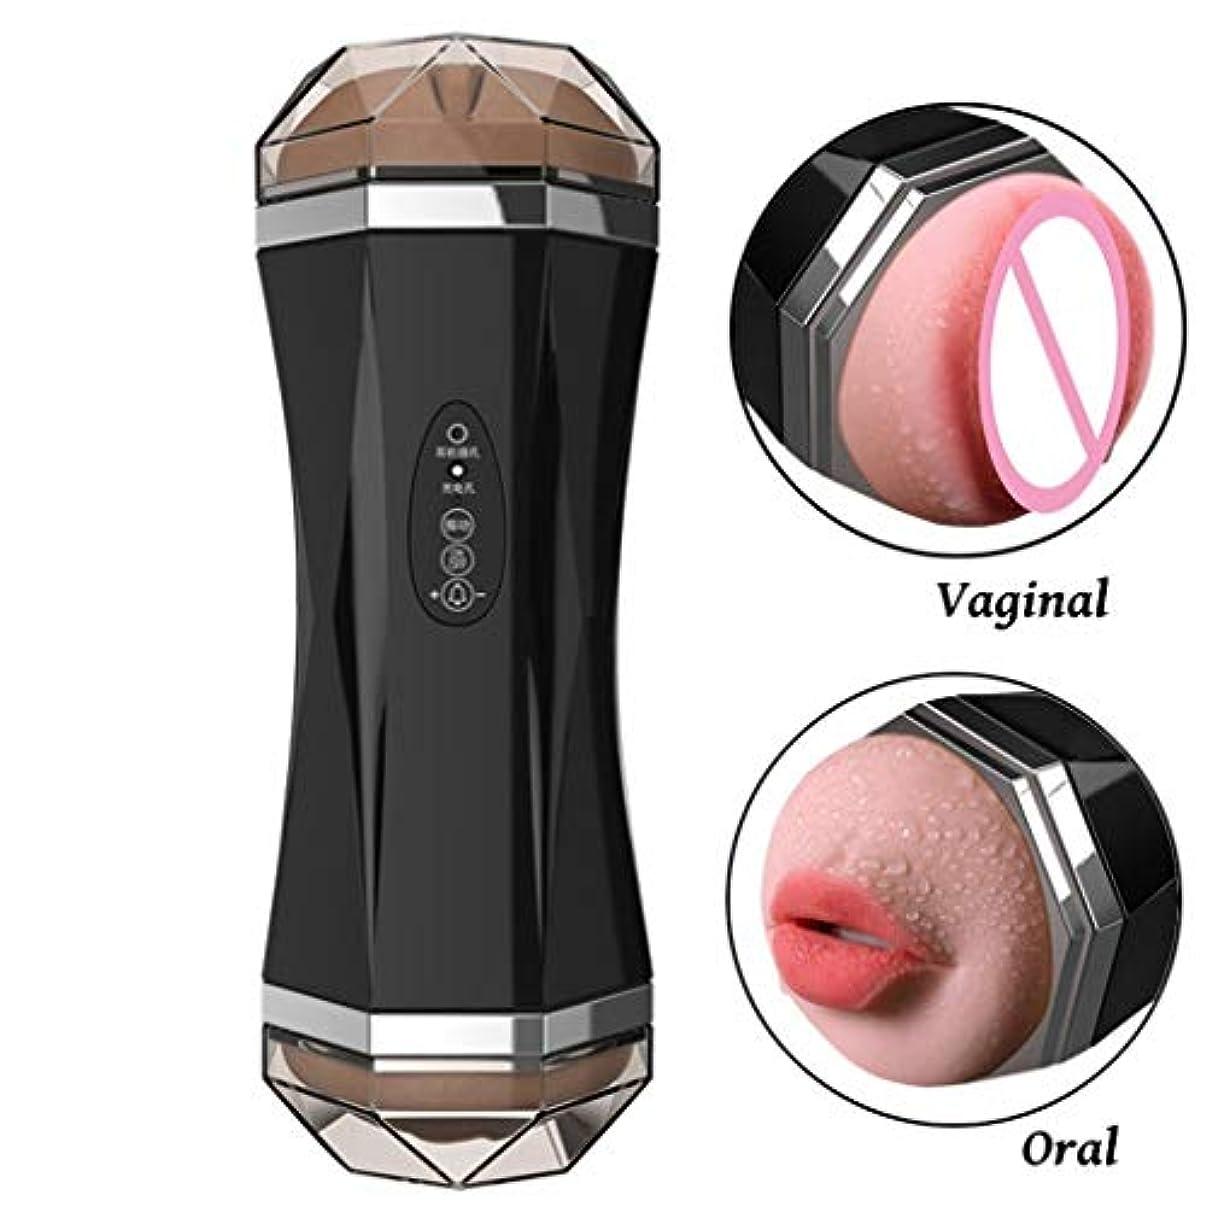 郵便チャット戦うDual Channel Masturbation Cup メンズマッサージ、USB充電現実的な3Dソフトチャンネル、Oral Vibratin 男性用エクササイズ